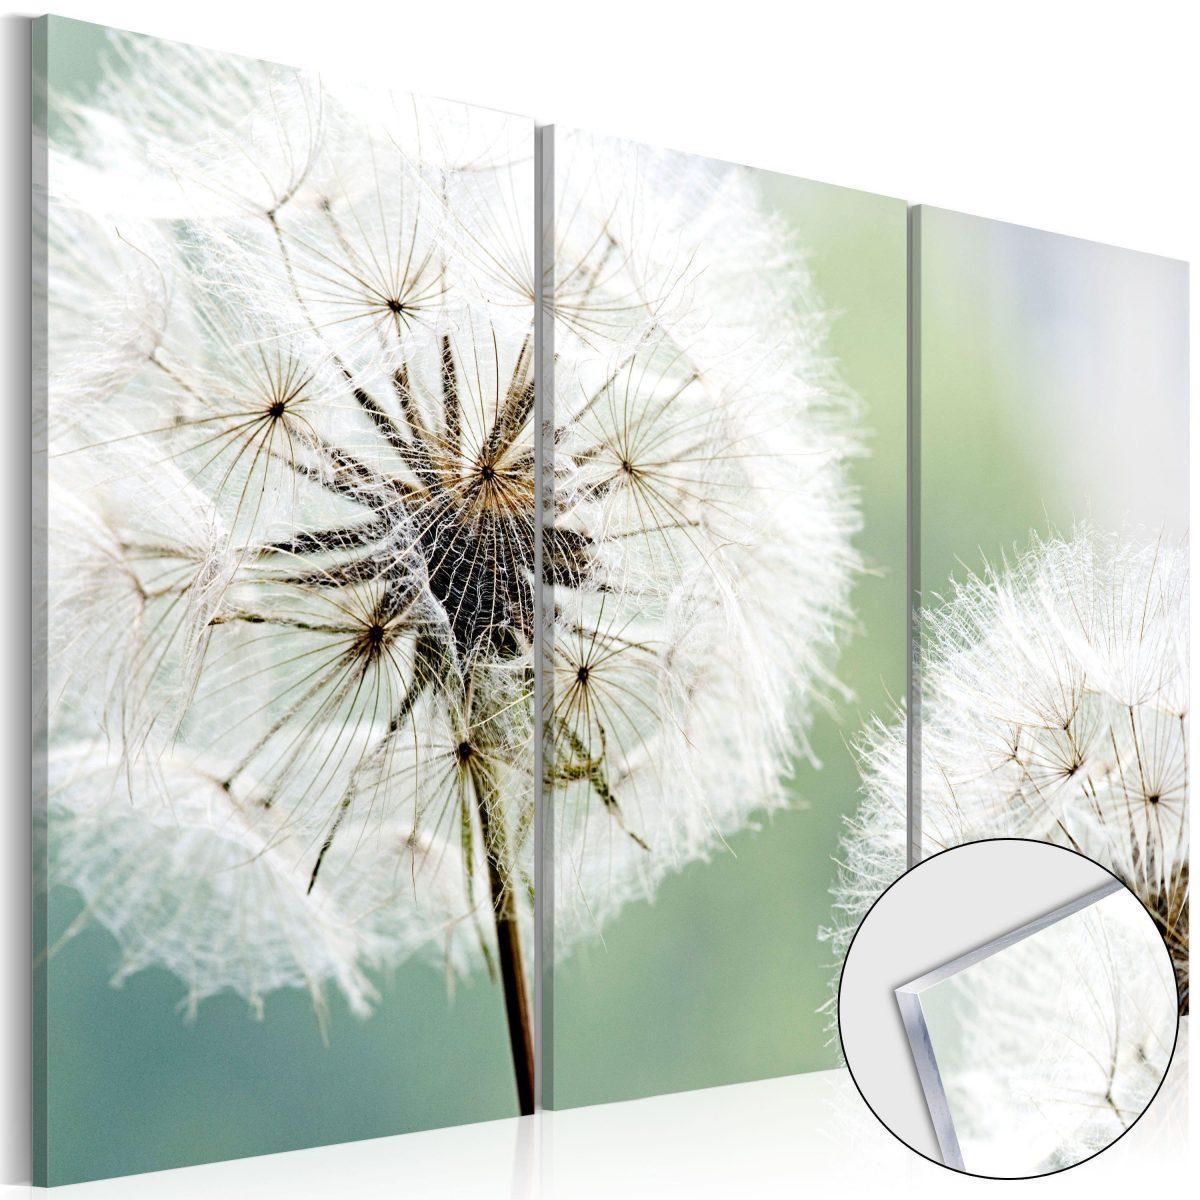 Tavla i akrylglas - Fluffy Dandelions - 60x40